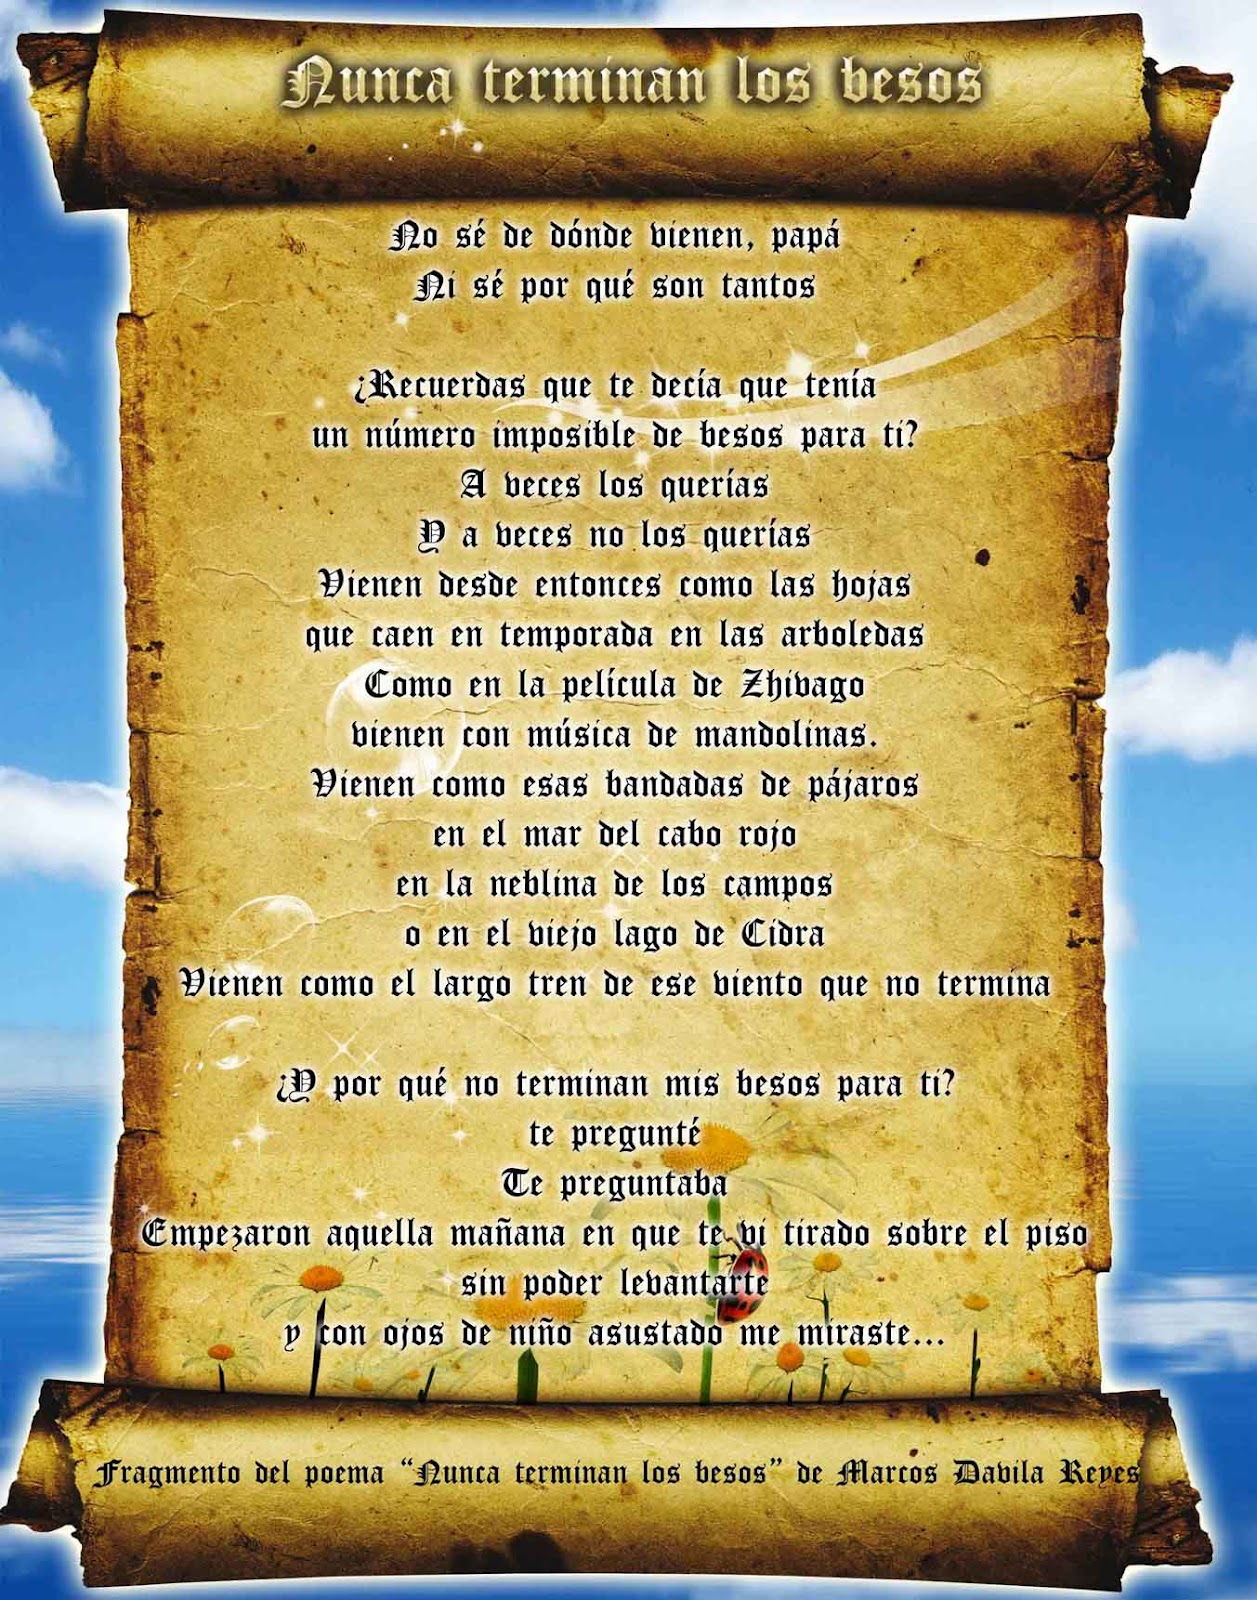 Soñando Cuba entre poemas   Sitio de Poesía Cubana